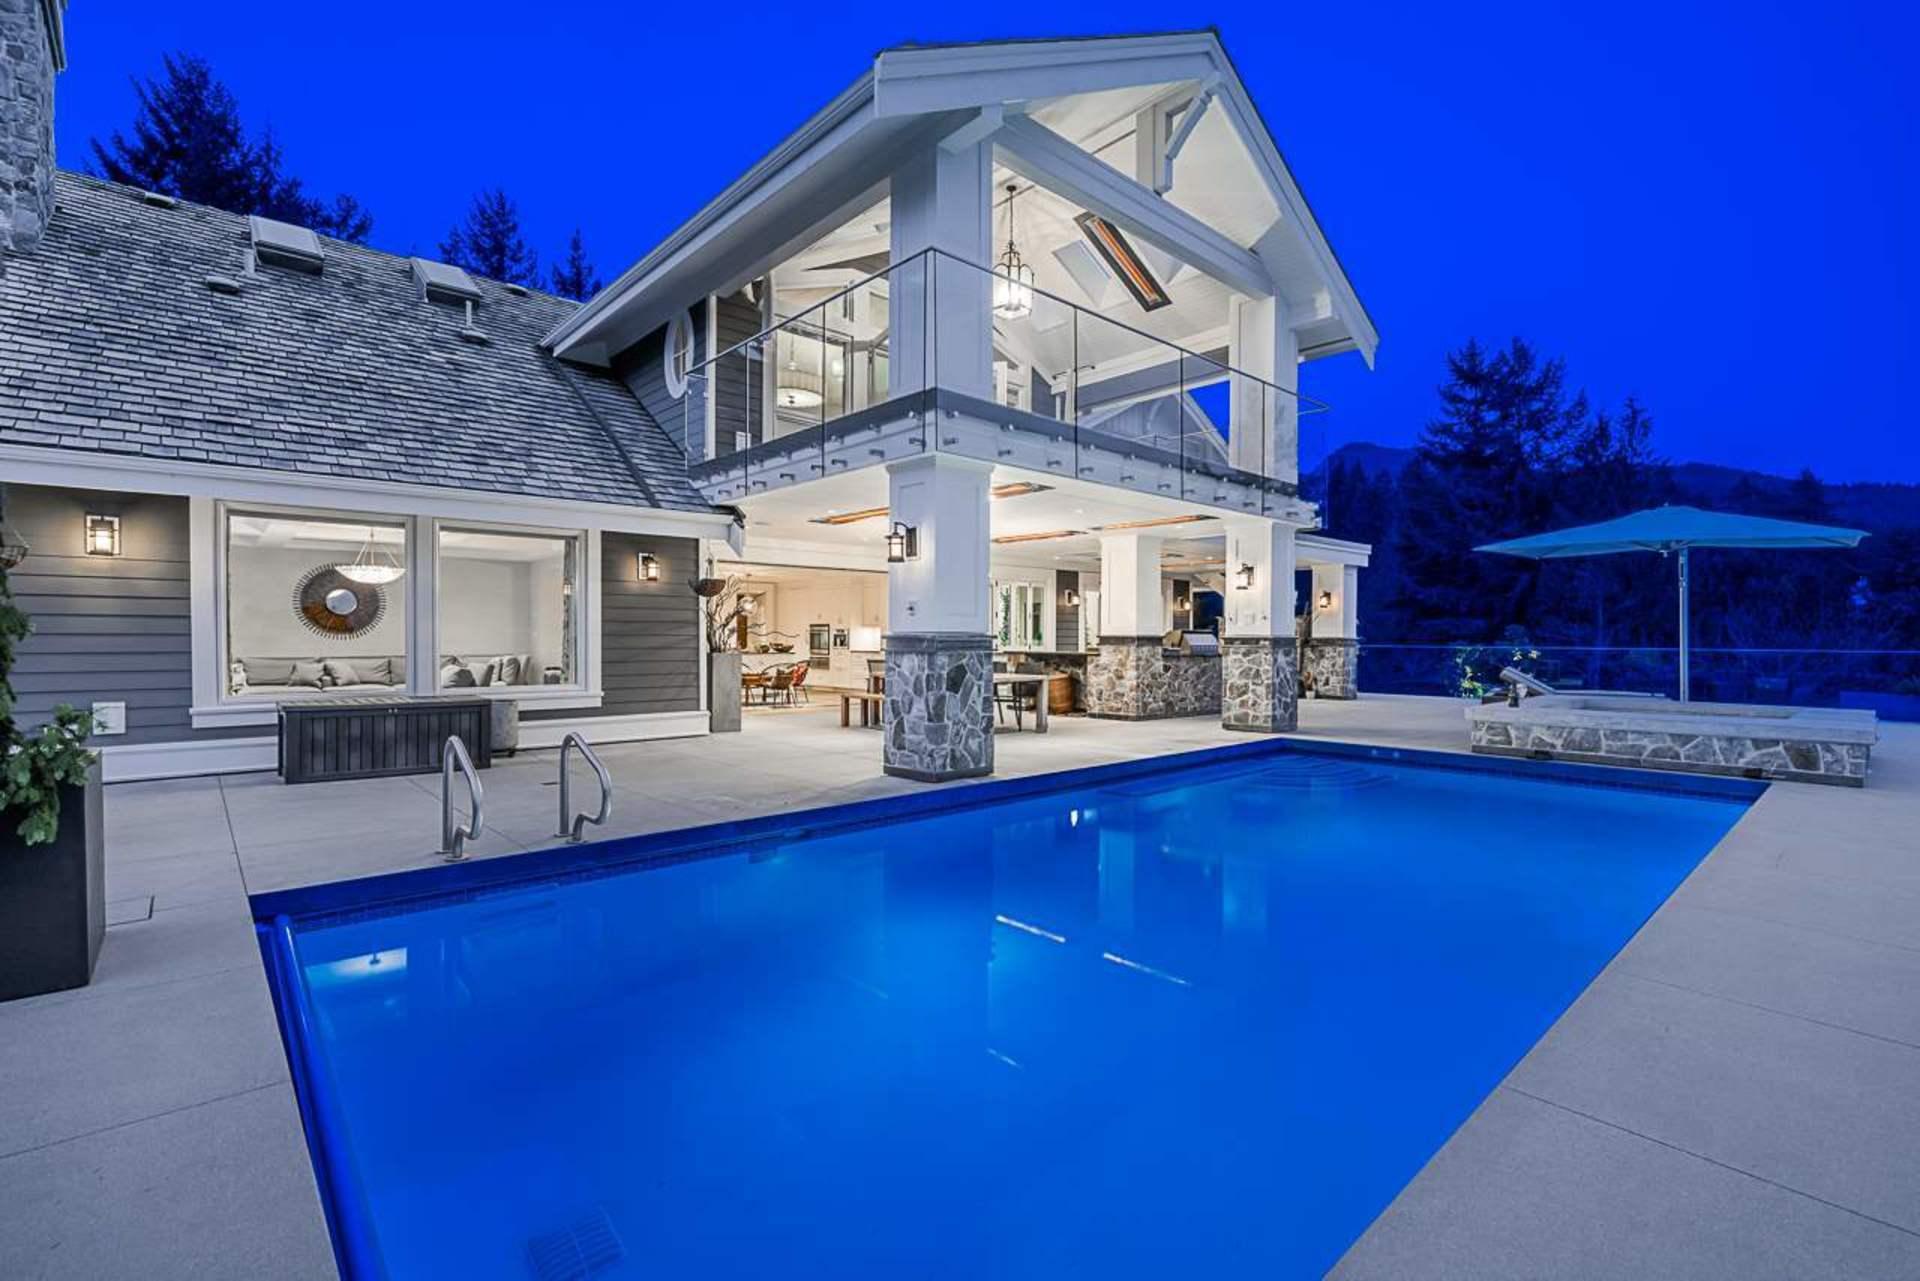 4667-woodridge-place-cypress-park-estates-west-vancouver-01 at 4667 Woodridge Place, Cypress Park Estates, West Vancouver